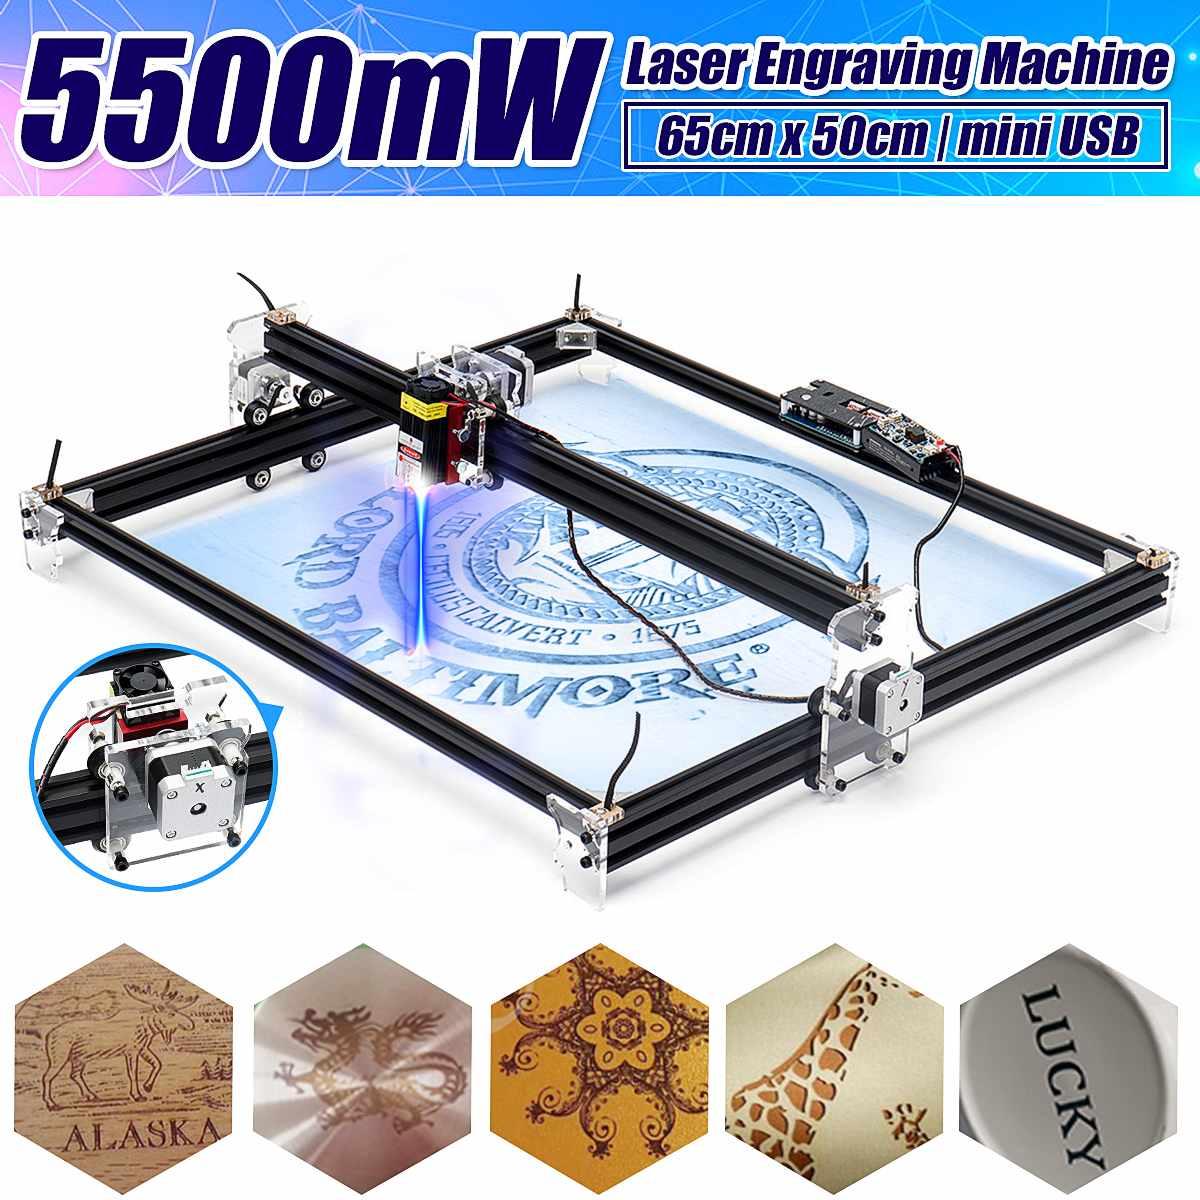 12 V Mini 5500 mW 65*55 cm Azul 2 Eixo DIY Casa Gravador CNC Máquina de Gravura do Laser Desktop router de madeira/Cortador/Ferramenta de Máquina Impressora